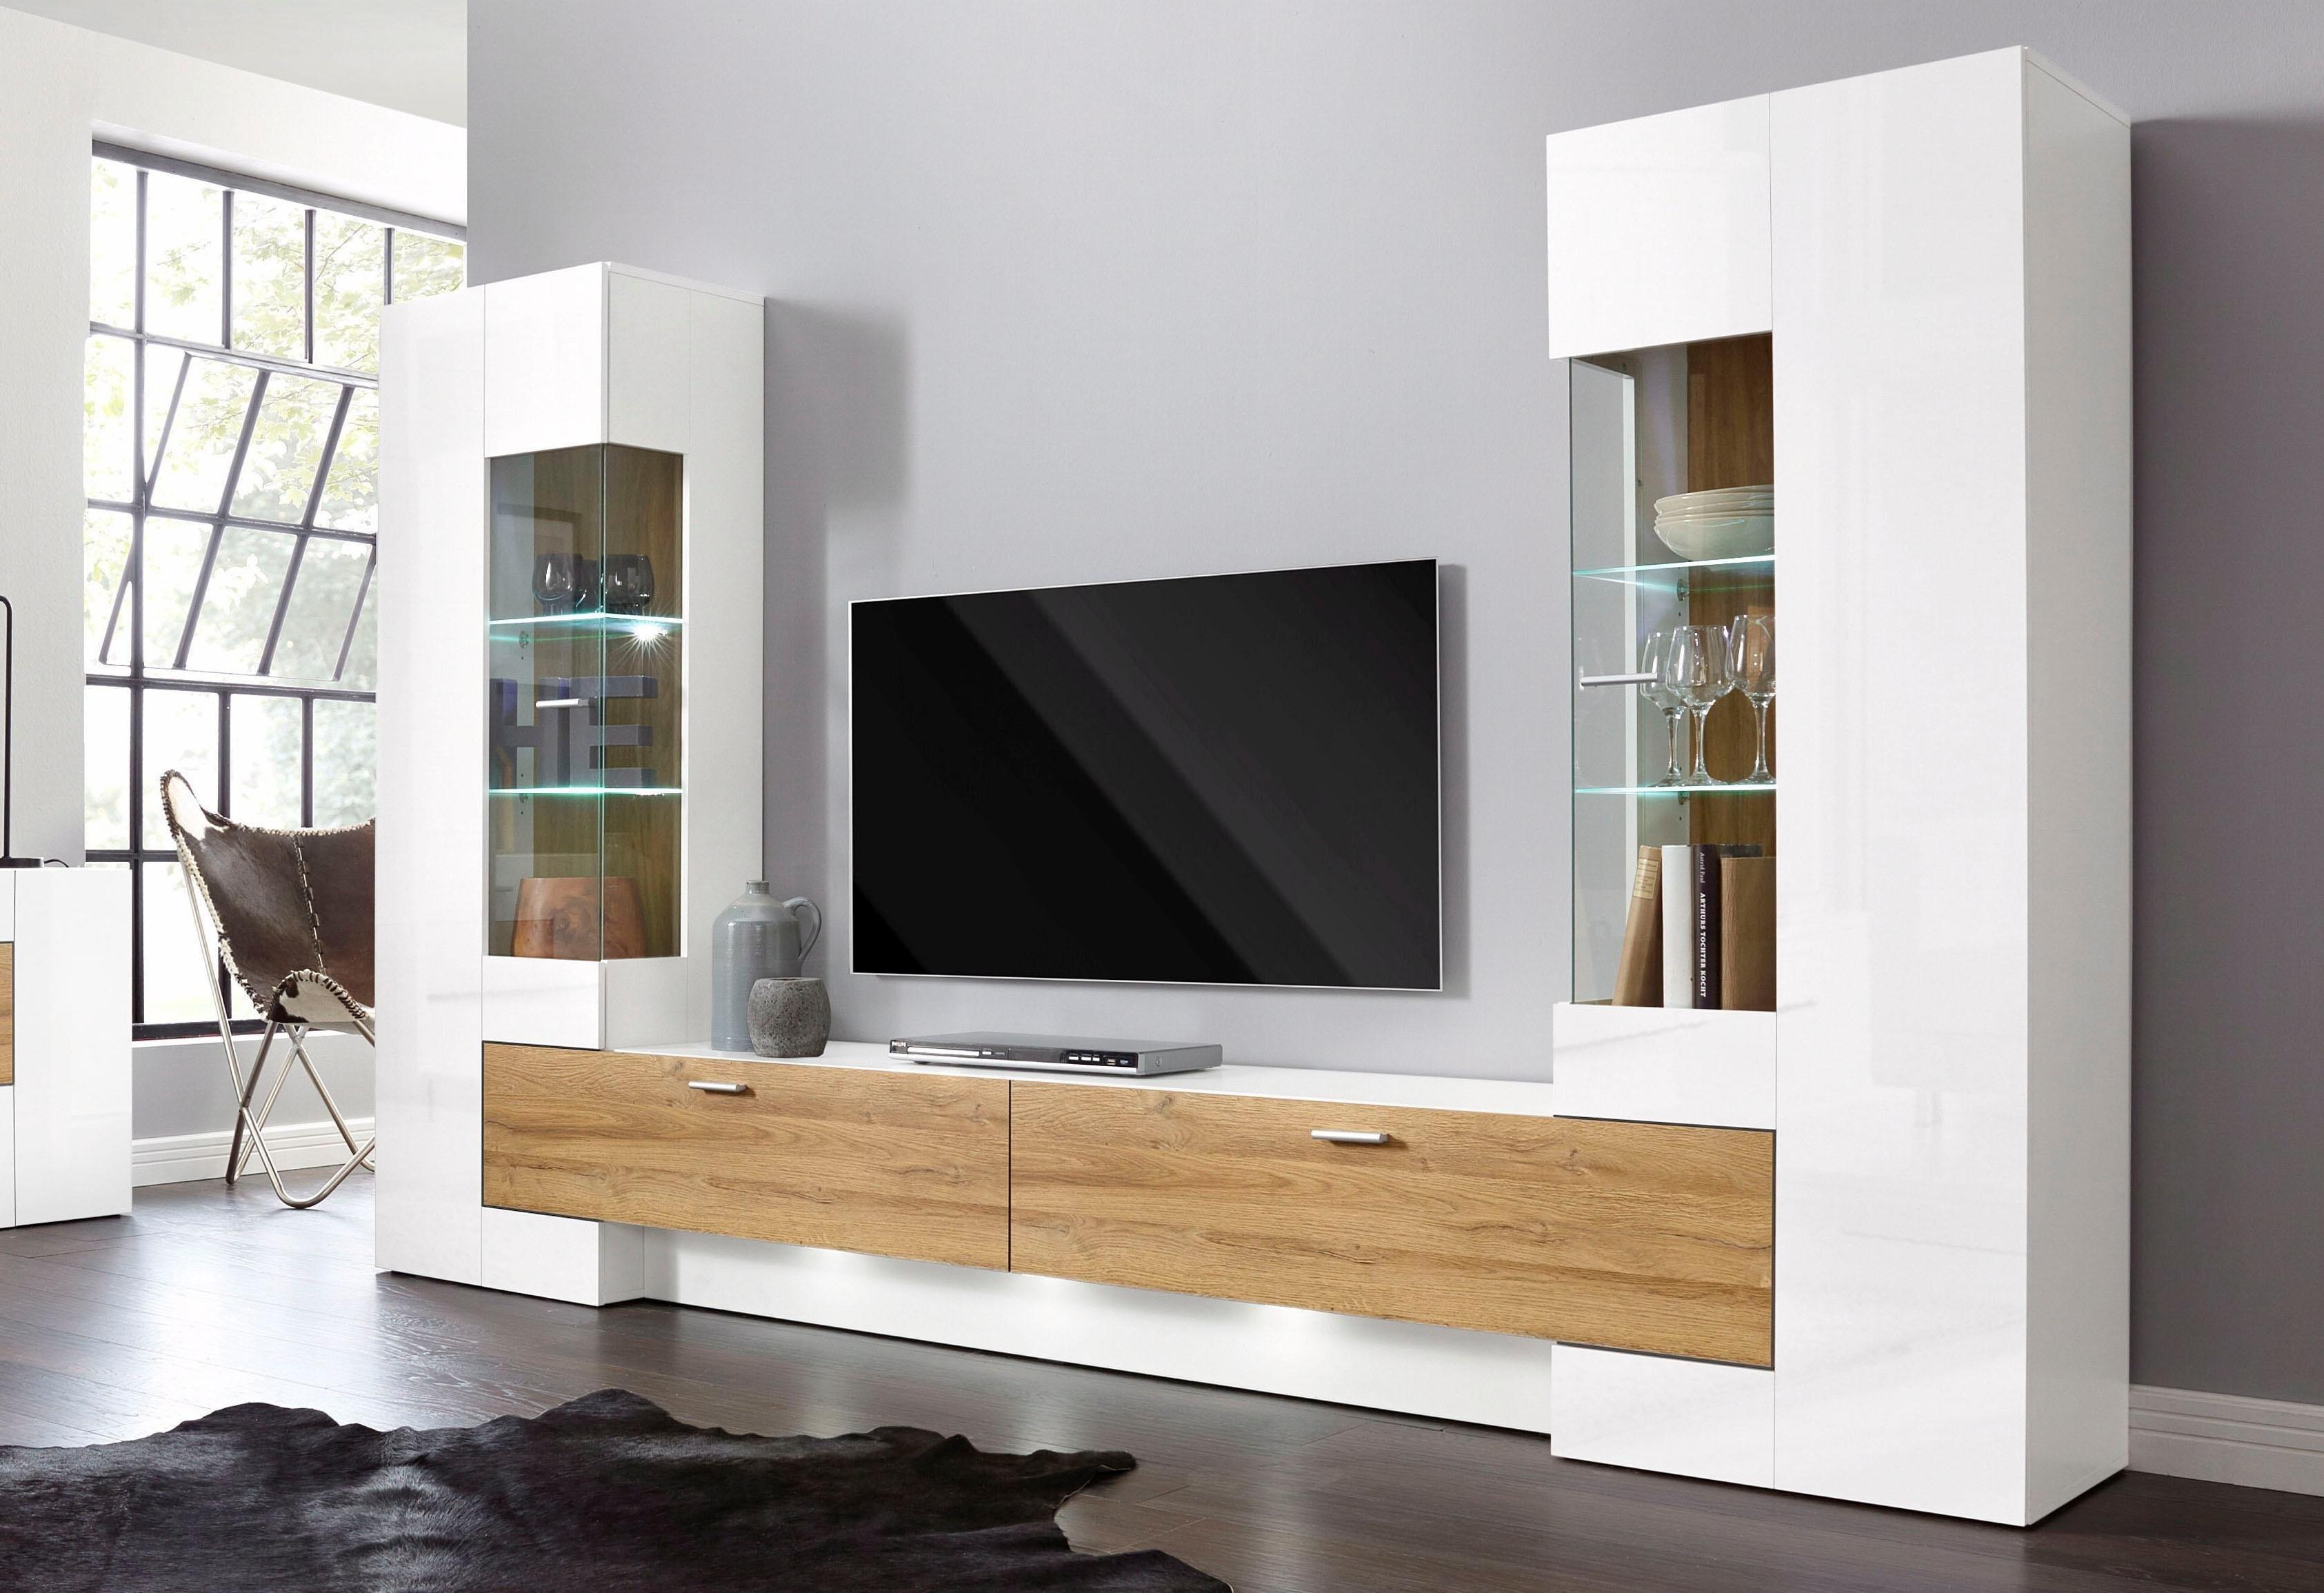 Goedkoop Tv Meubel Ikea.Tv Meubel Kopen Vind Het Ideale Meubel Voor Jouw Woonkamer Otto